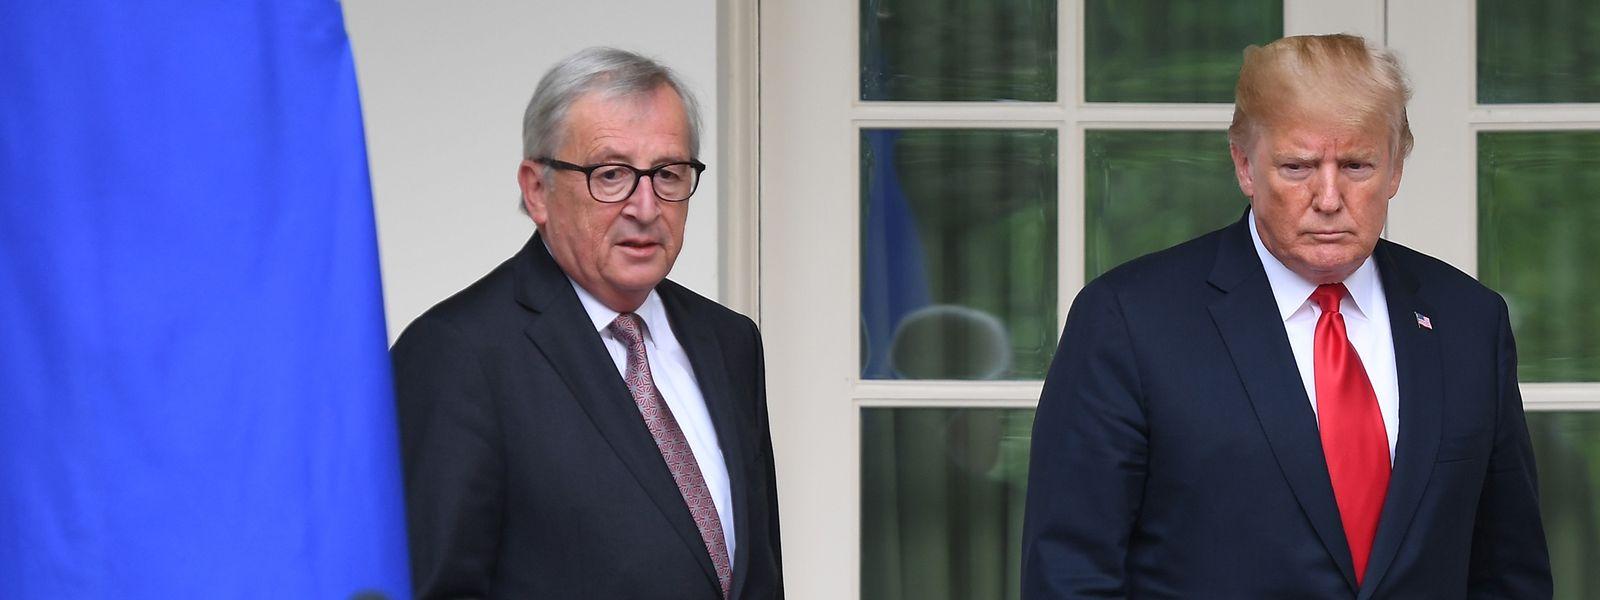 Juncker und Trump auf dem Weg zur gemeinsamen Pressekonferenz.